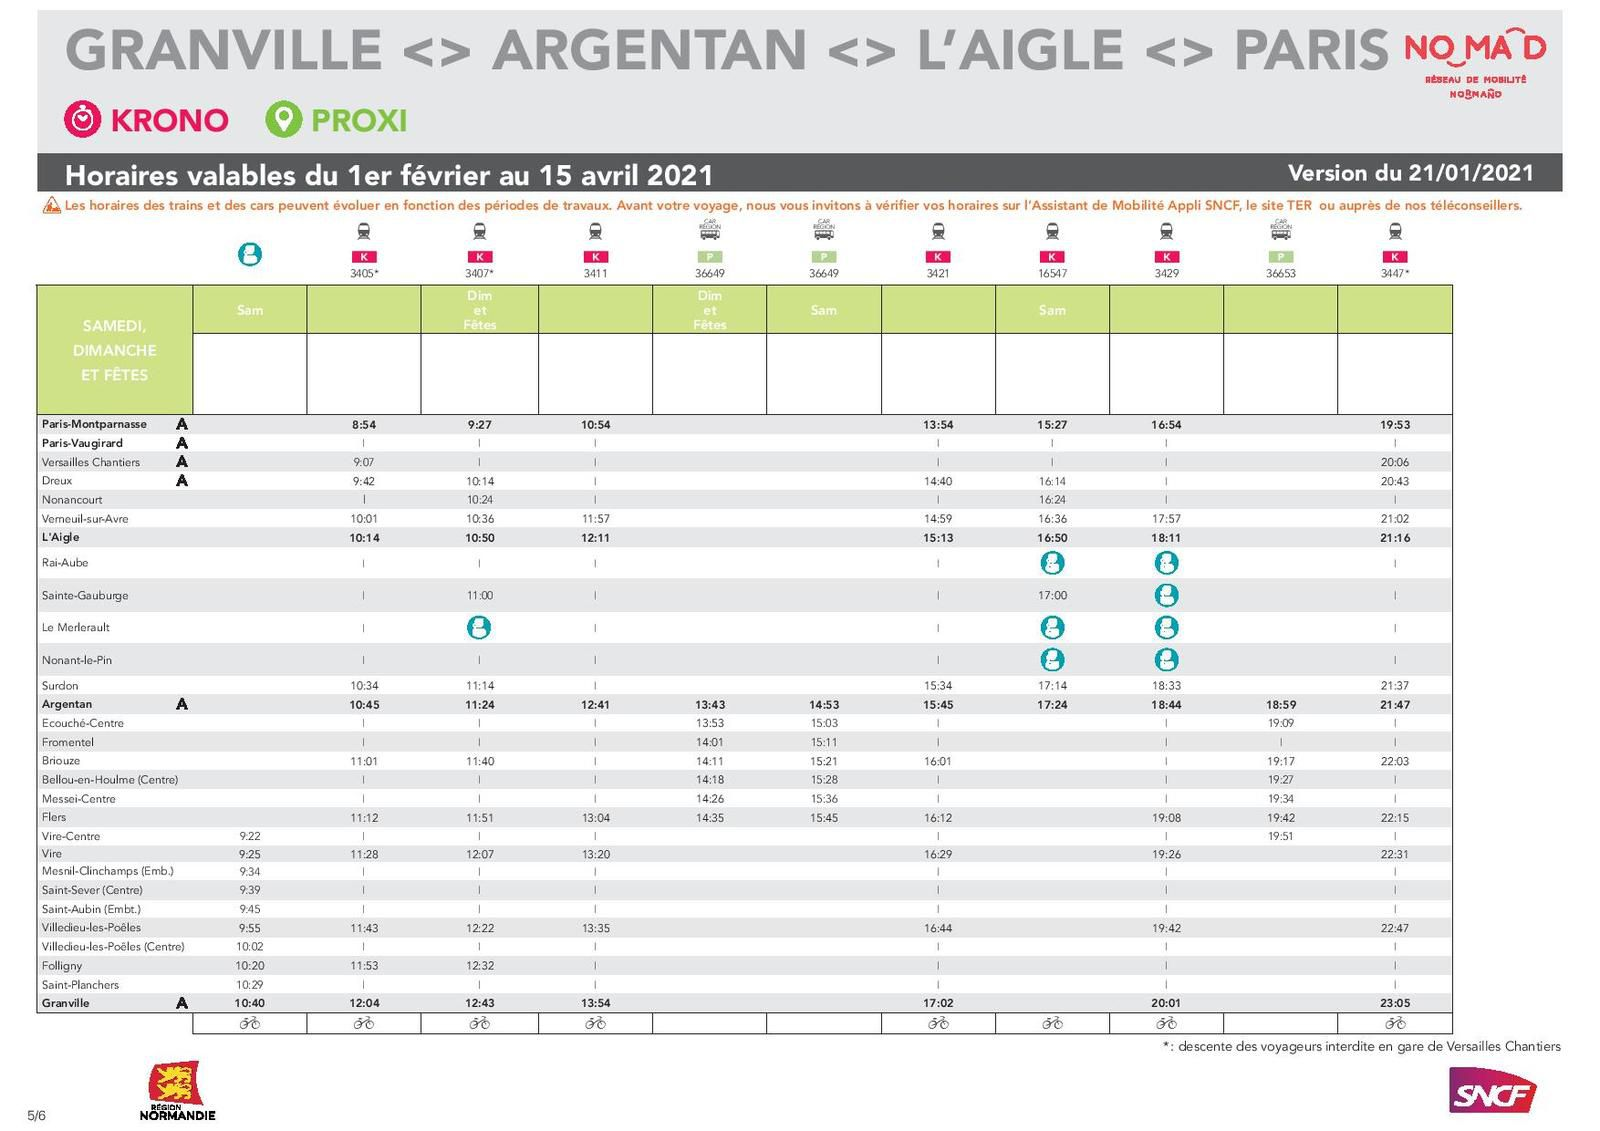 Paris > Granville du 1er février au 15 avril - version 21.01.2021